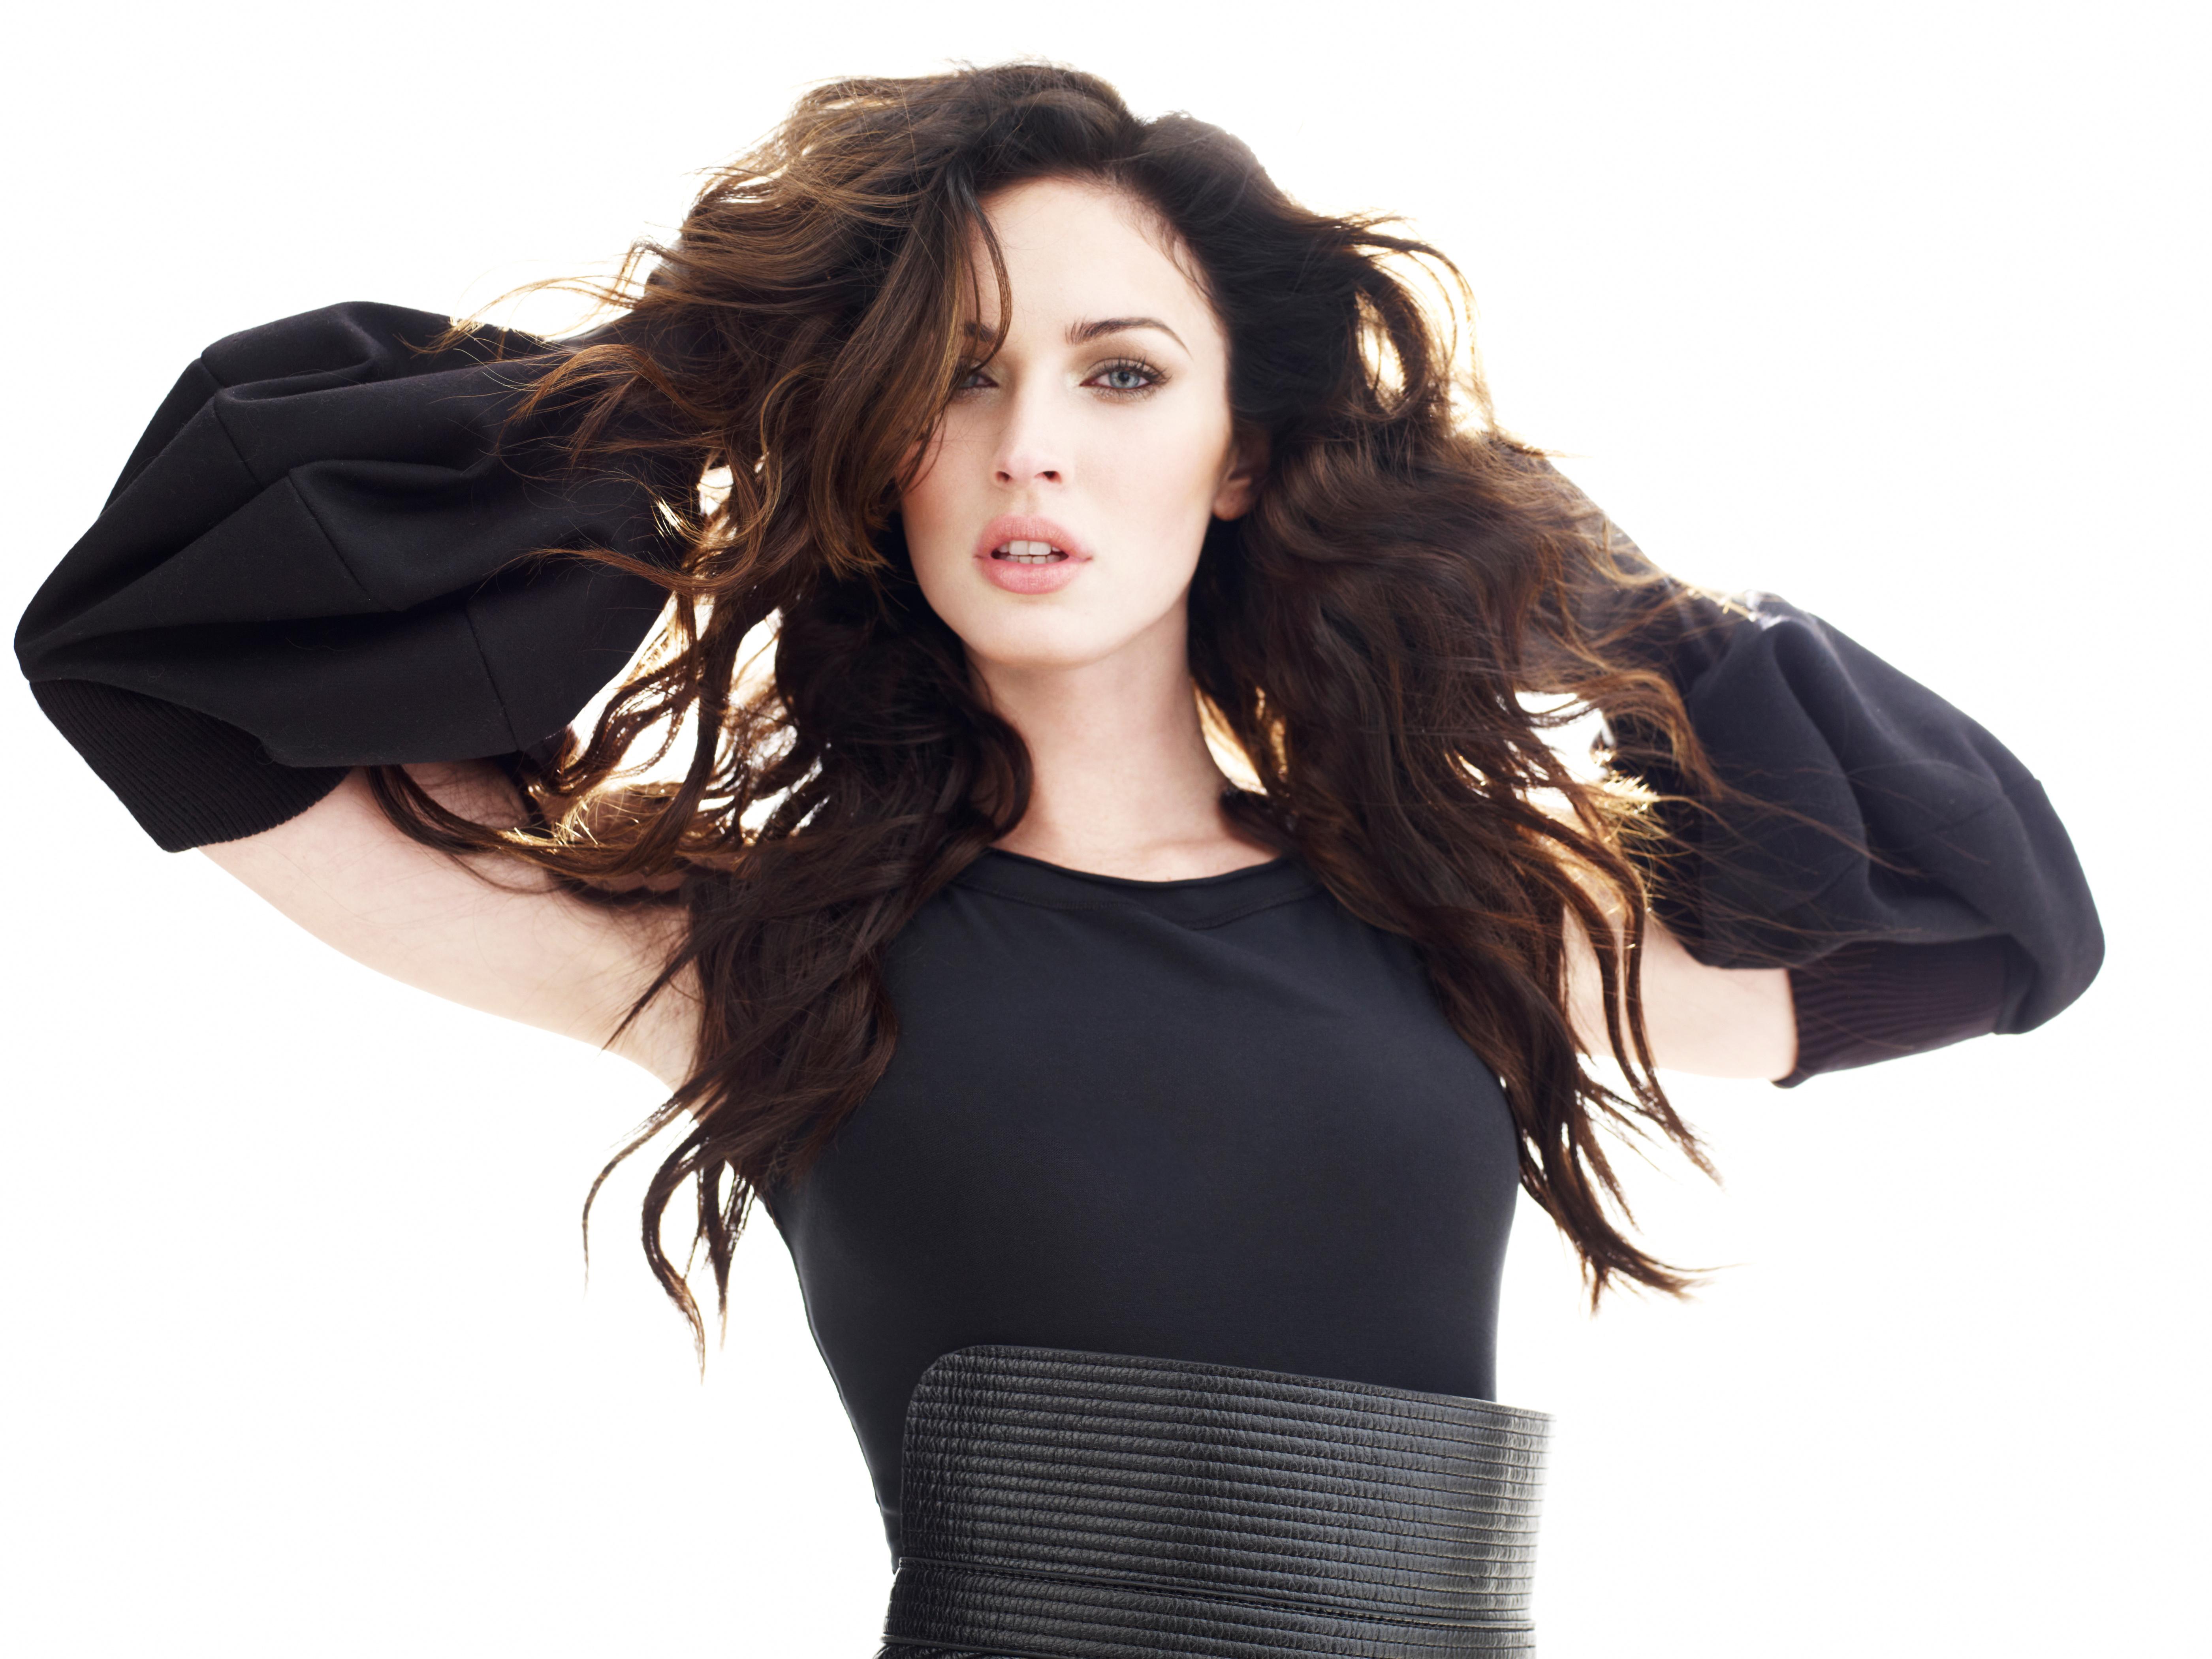 Megan Fox Women Hands On Head Black Dress Model Celebrity Blue Eyes Pink Lipstick 5600x4200